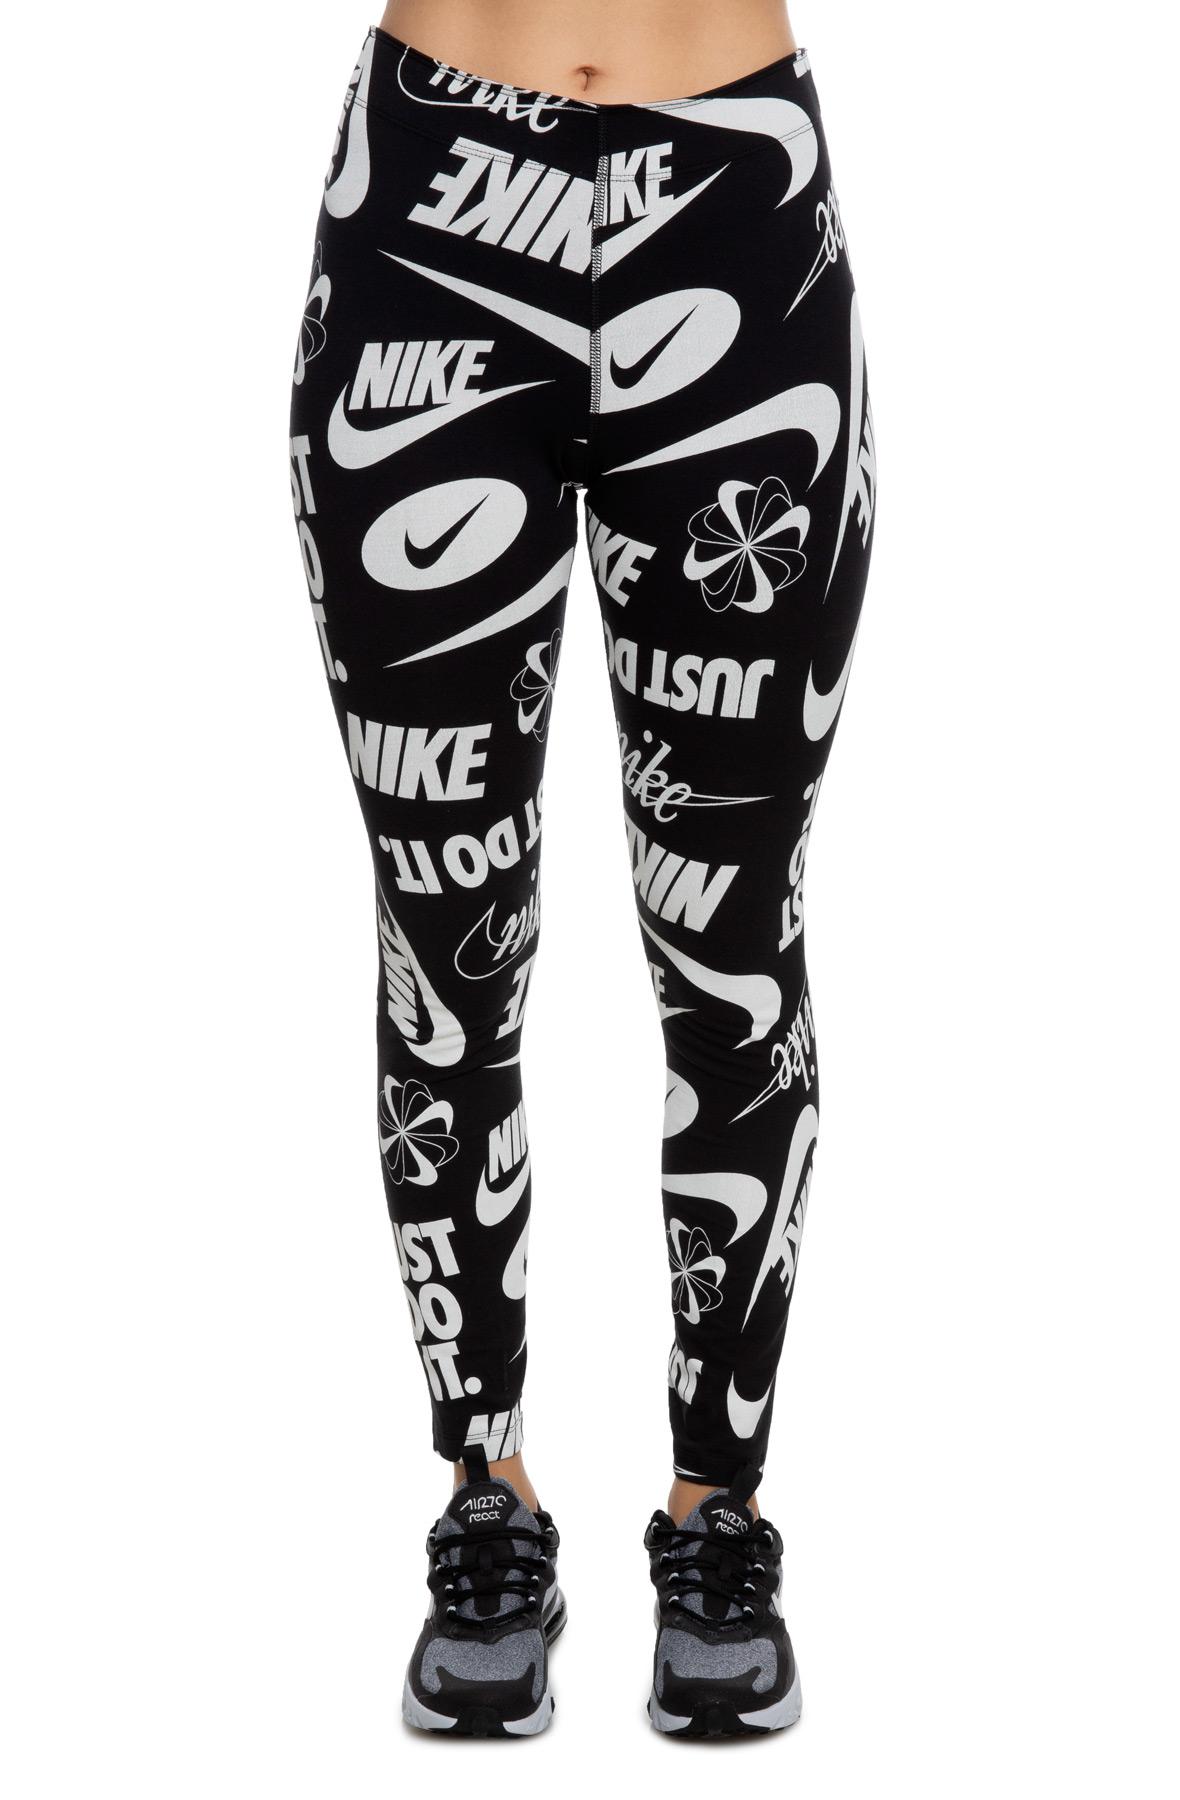 88692a637cf Sportswear Leg-a-See Leggings Black/White